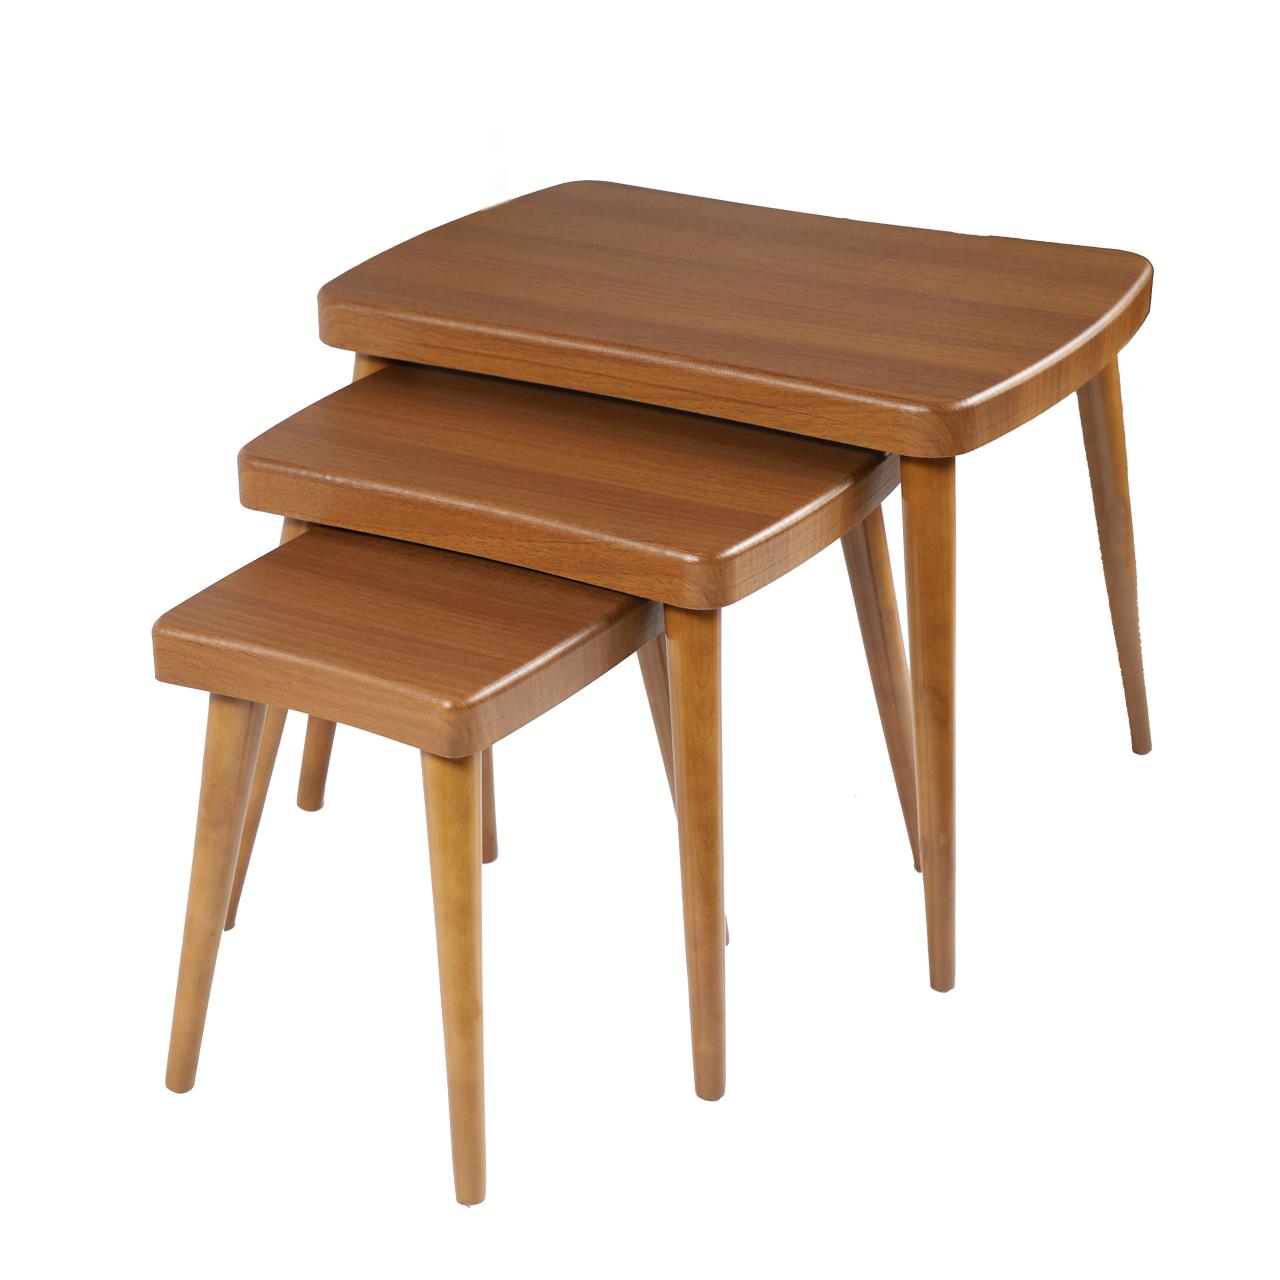 میز عسلی مدل 130AGH مجموعه 3 عددی